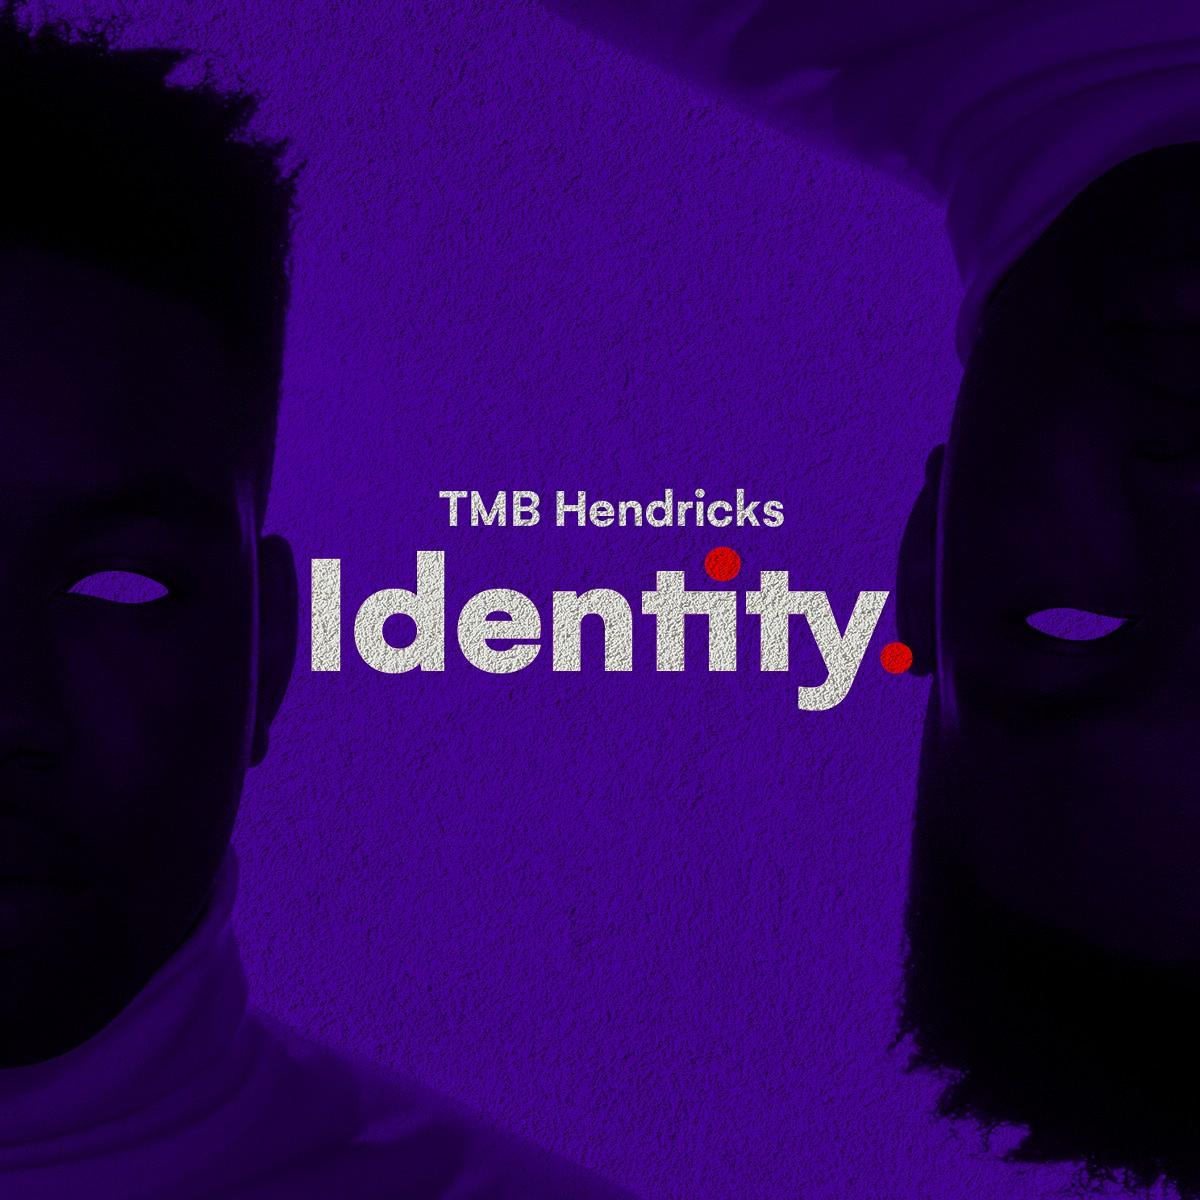 TMB Hendricks - Identity